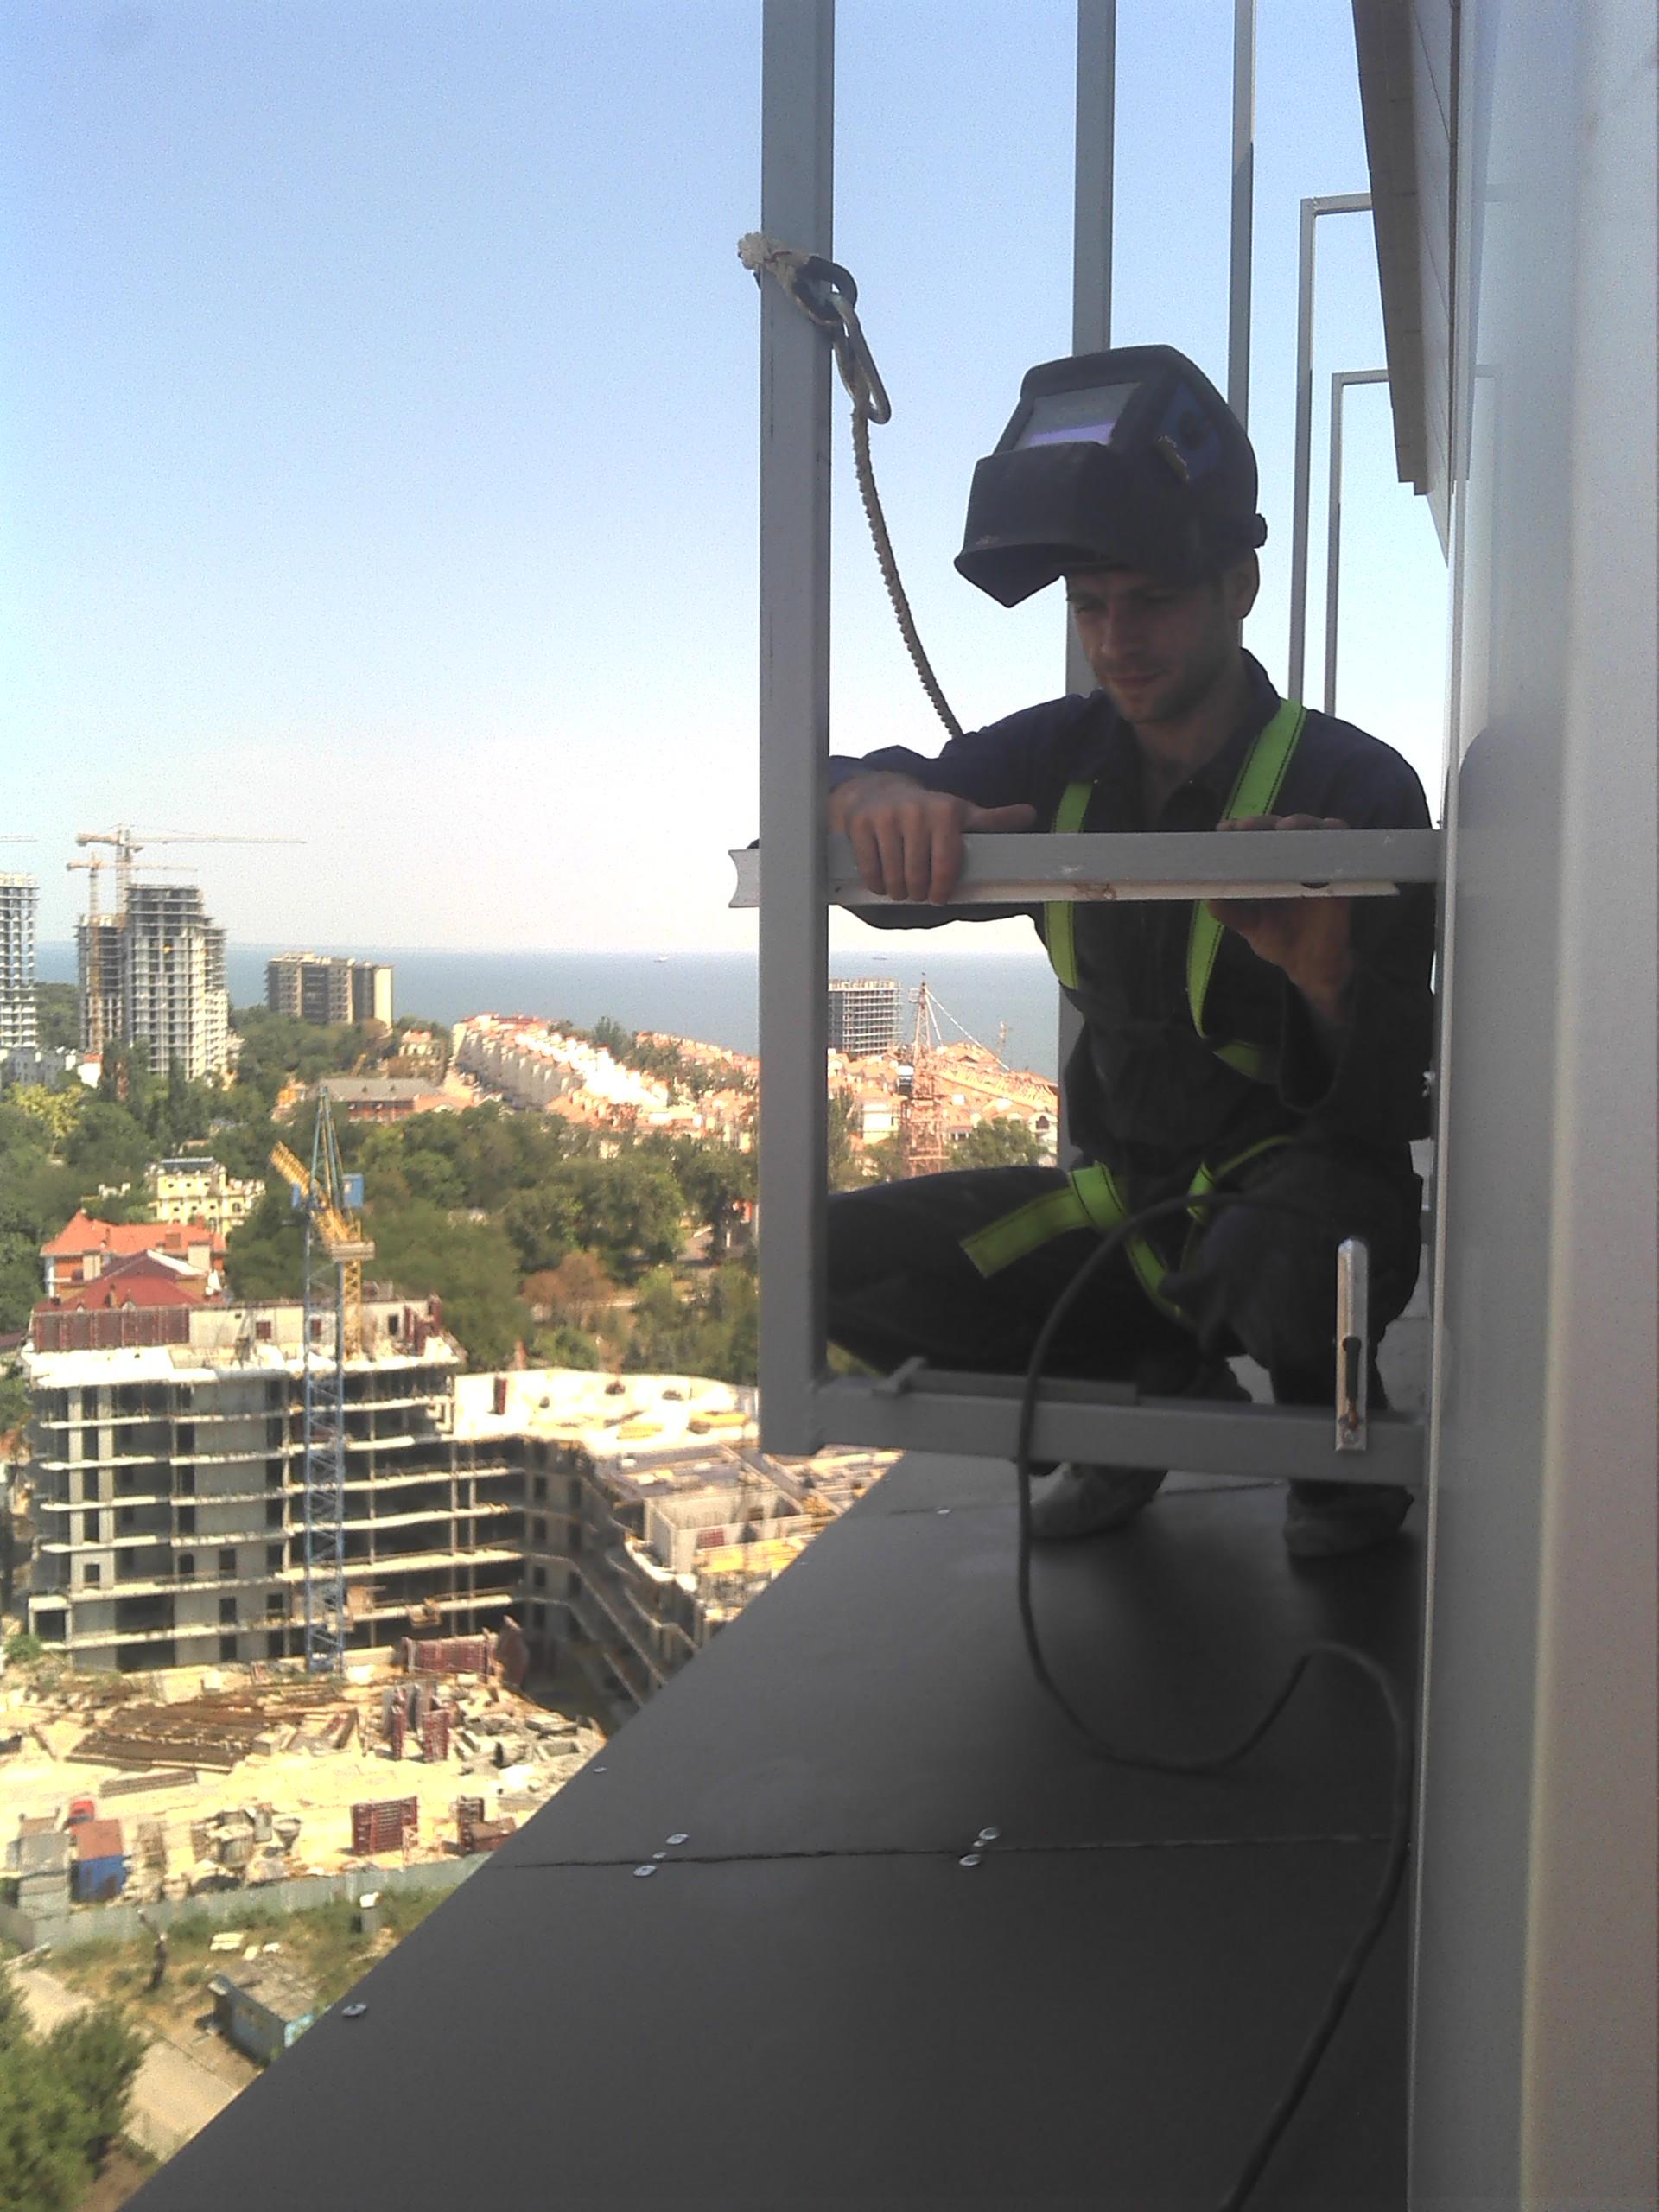 """Фото Отель """"Гагарин"""", 21-й этаж, варю металлоконструкцию для объёмных букв высотой около 3-х метров."""